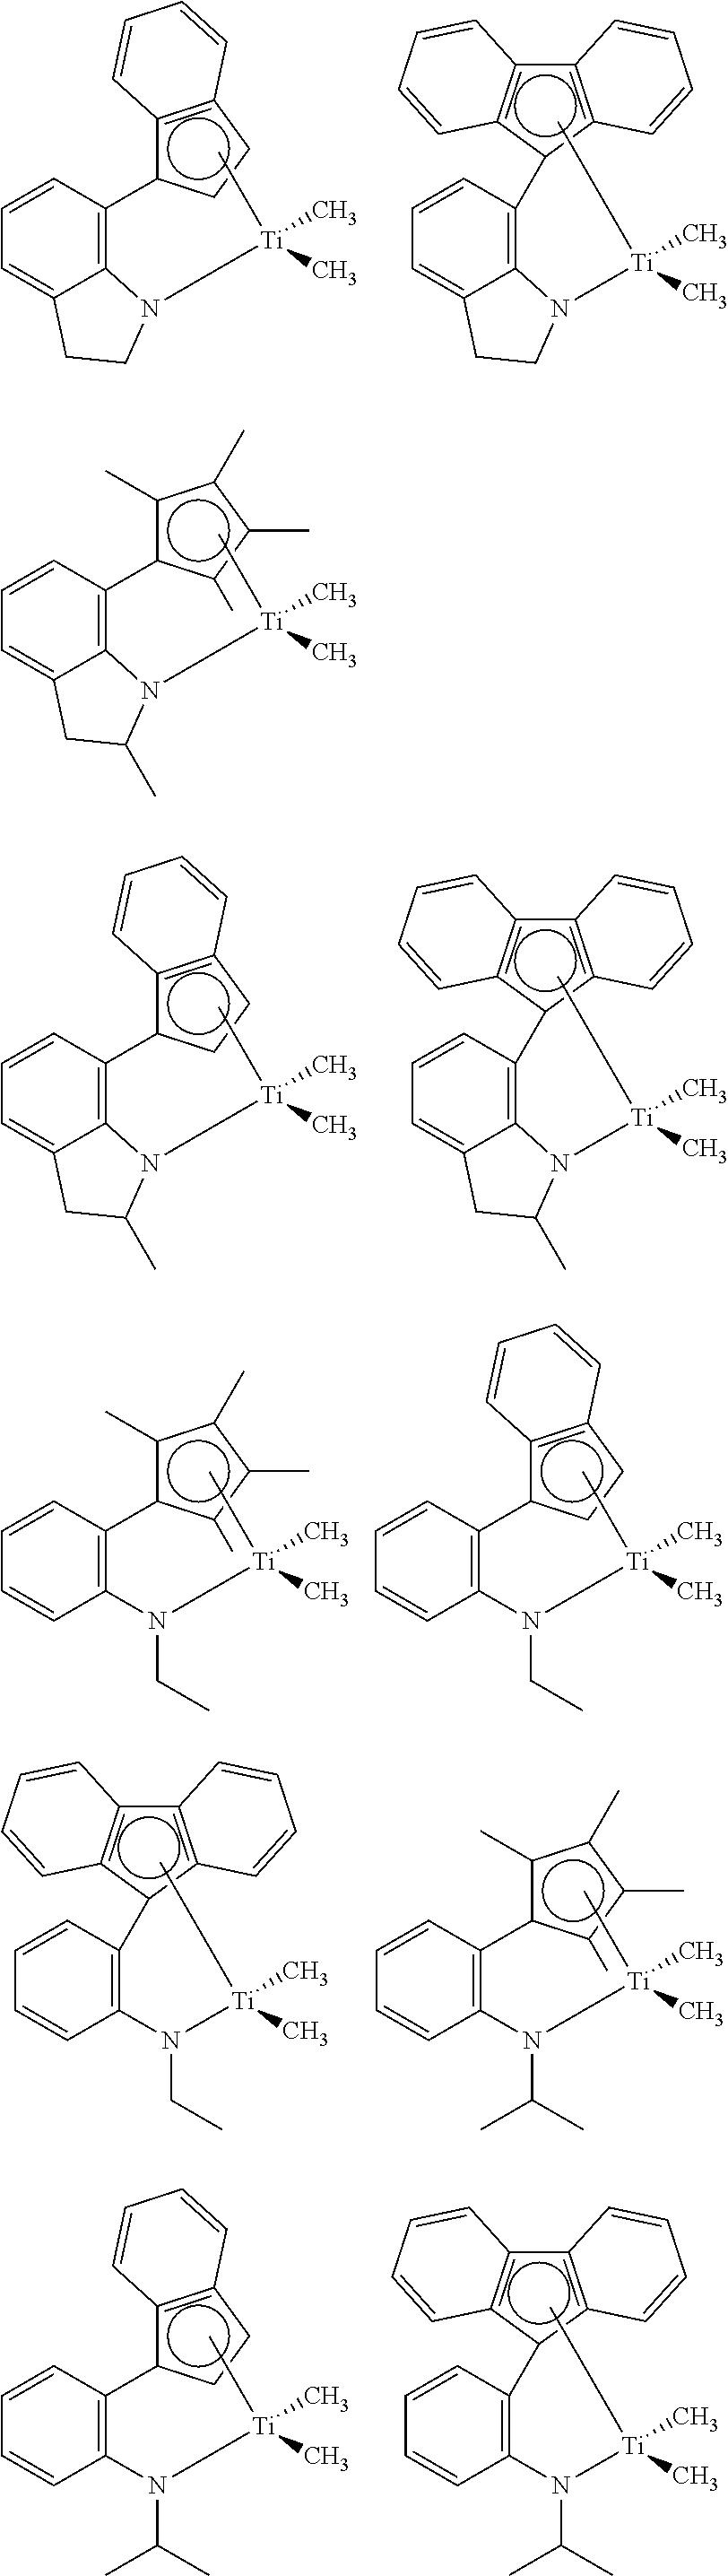 Figure US07932207-20110426-C00007